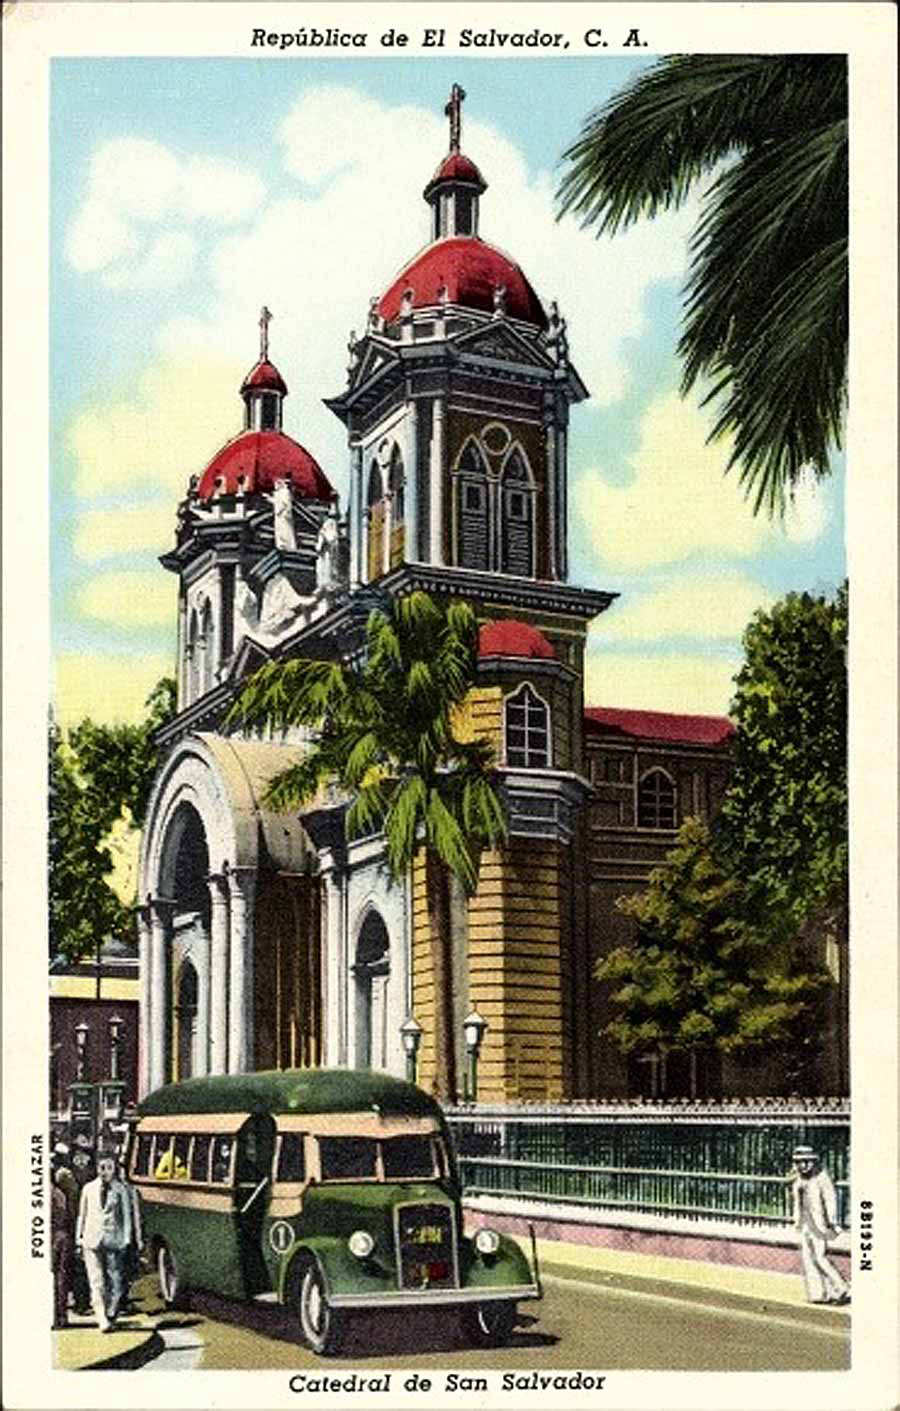 Estampas-de-El-Salvador04